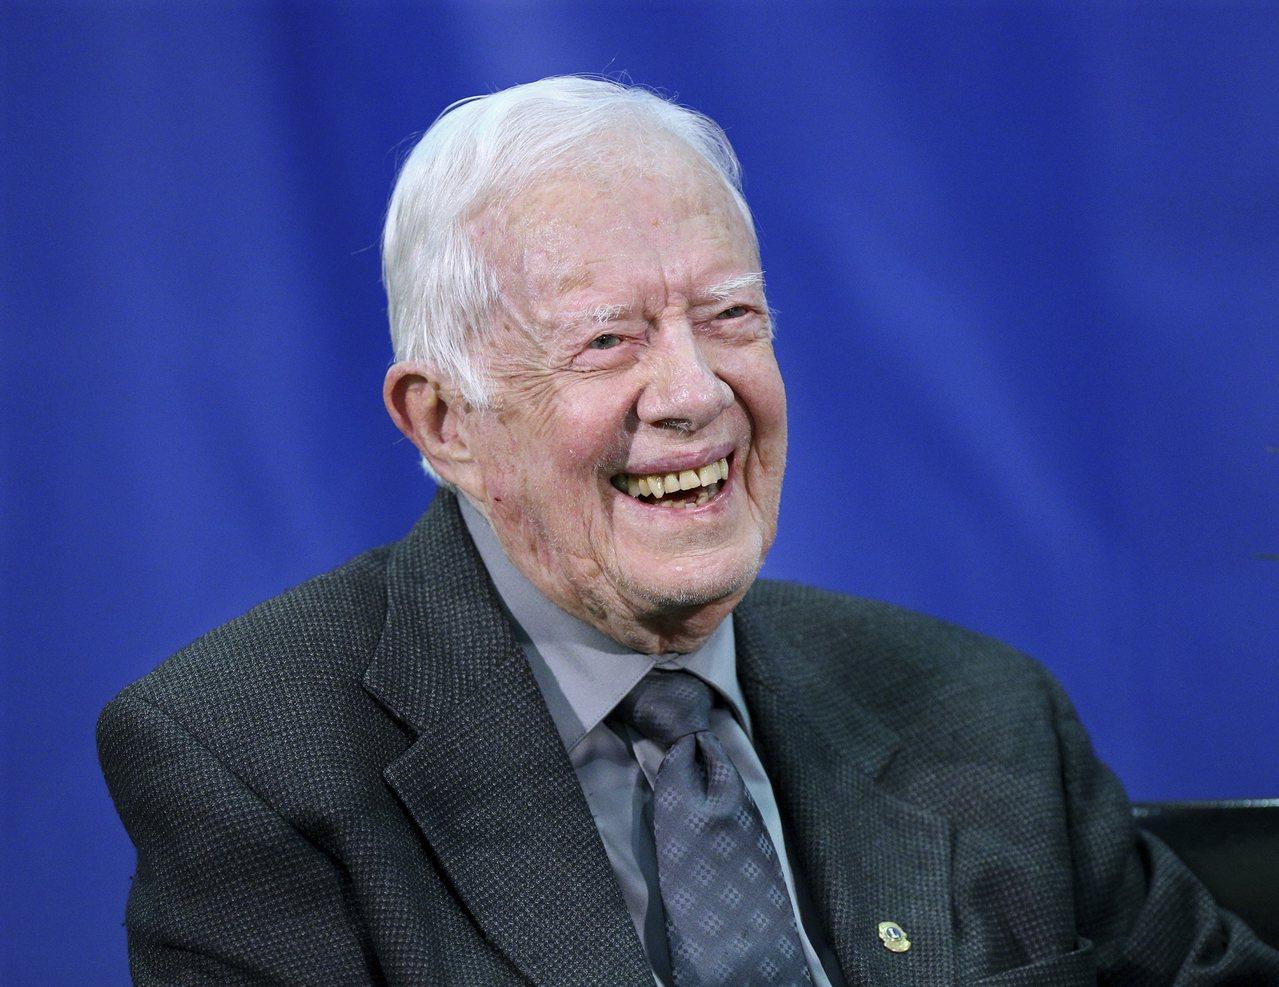 本月才剛過95歲生日的前總統卡特不到兩周前摔倒導致骨盆骨折,出院後計畫本周日恢復...